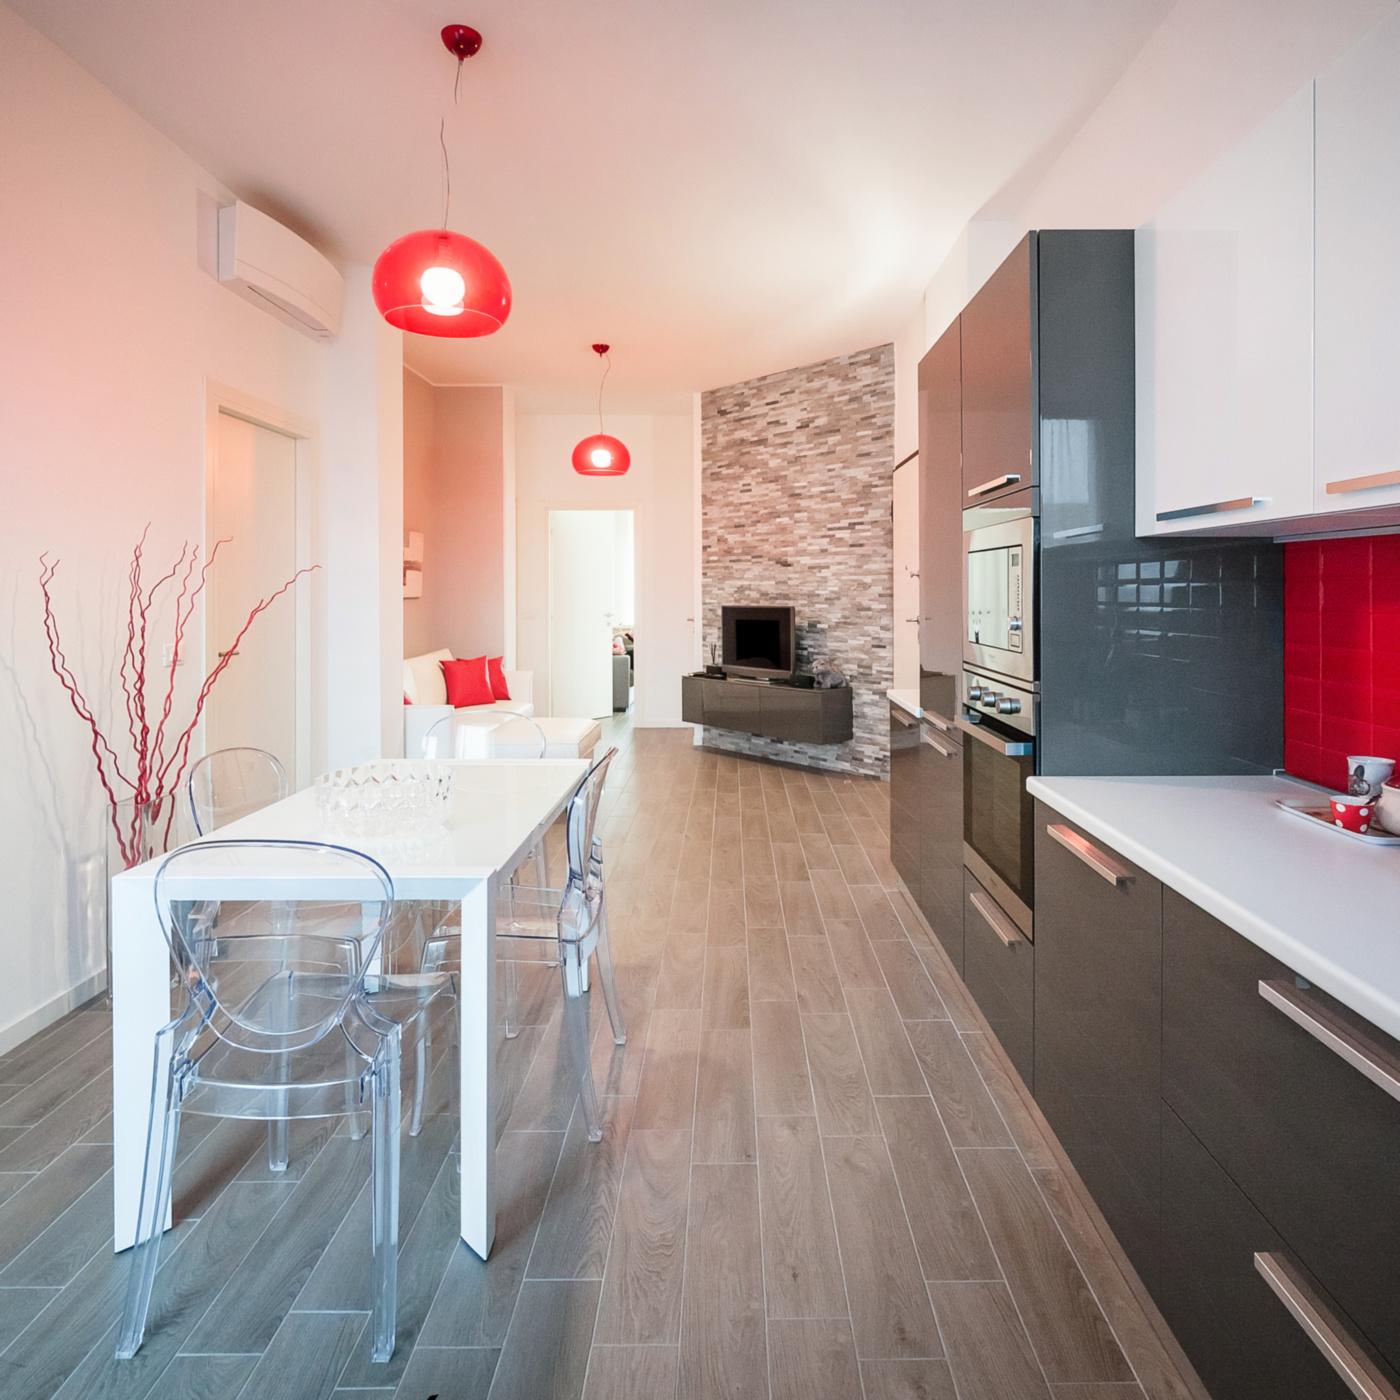 Una ristrutturazione che moltiplica gli spazi in un'appartamento degli anni '70. La zona giorno è una sequenza di spazi, orientati da una quinta inclinata | Bottega di Architettura